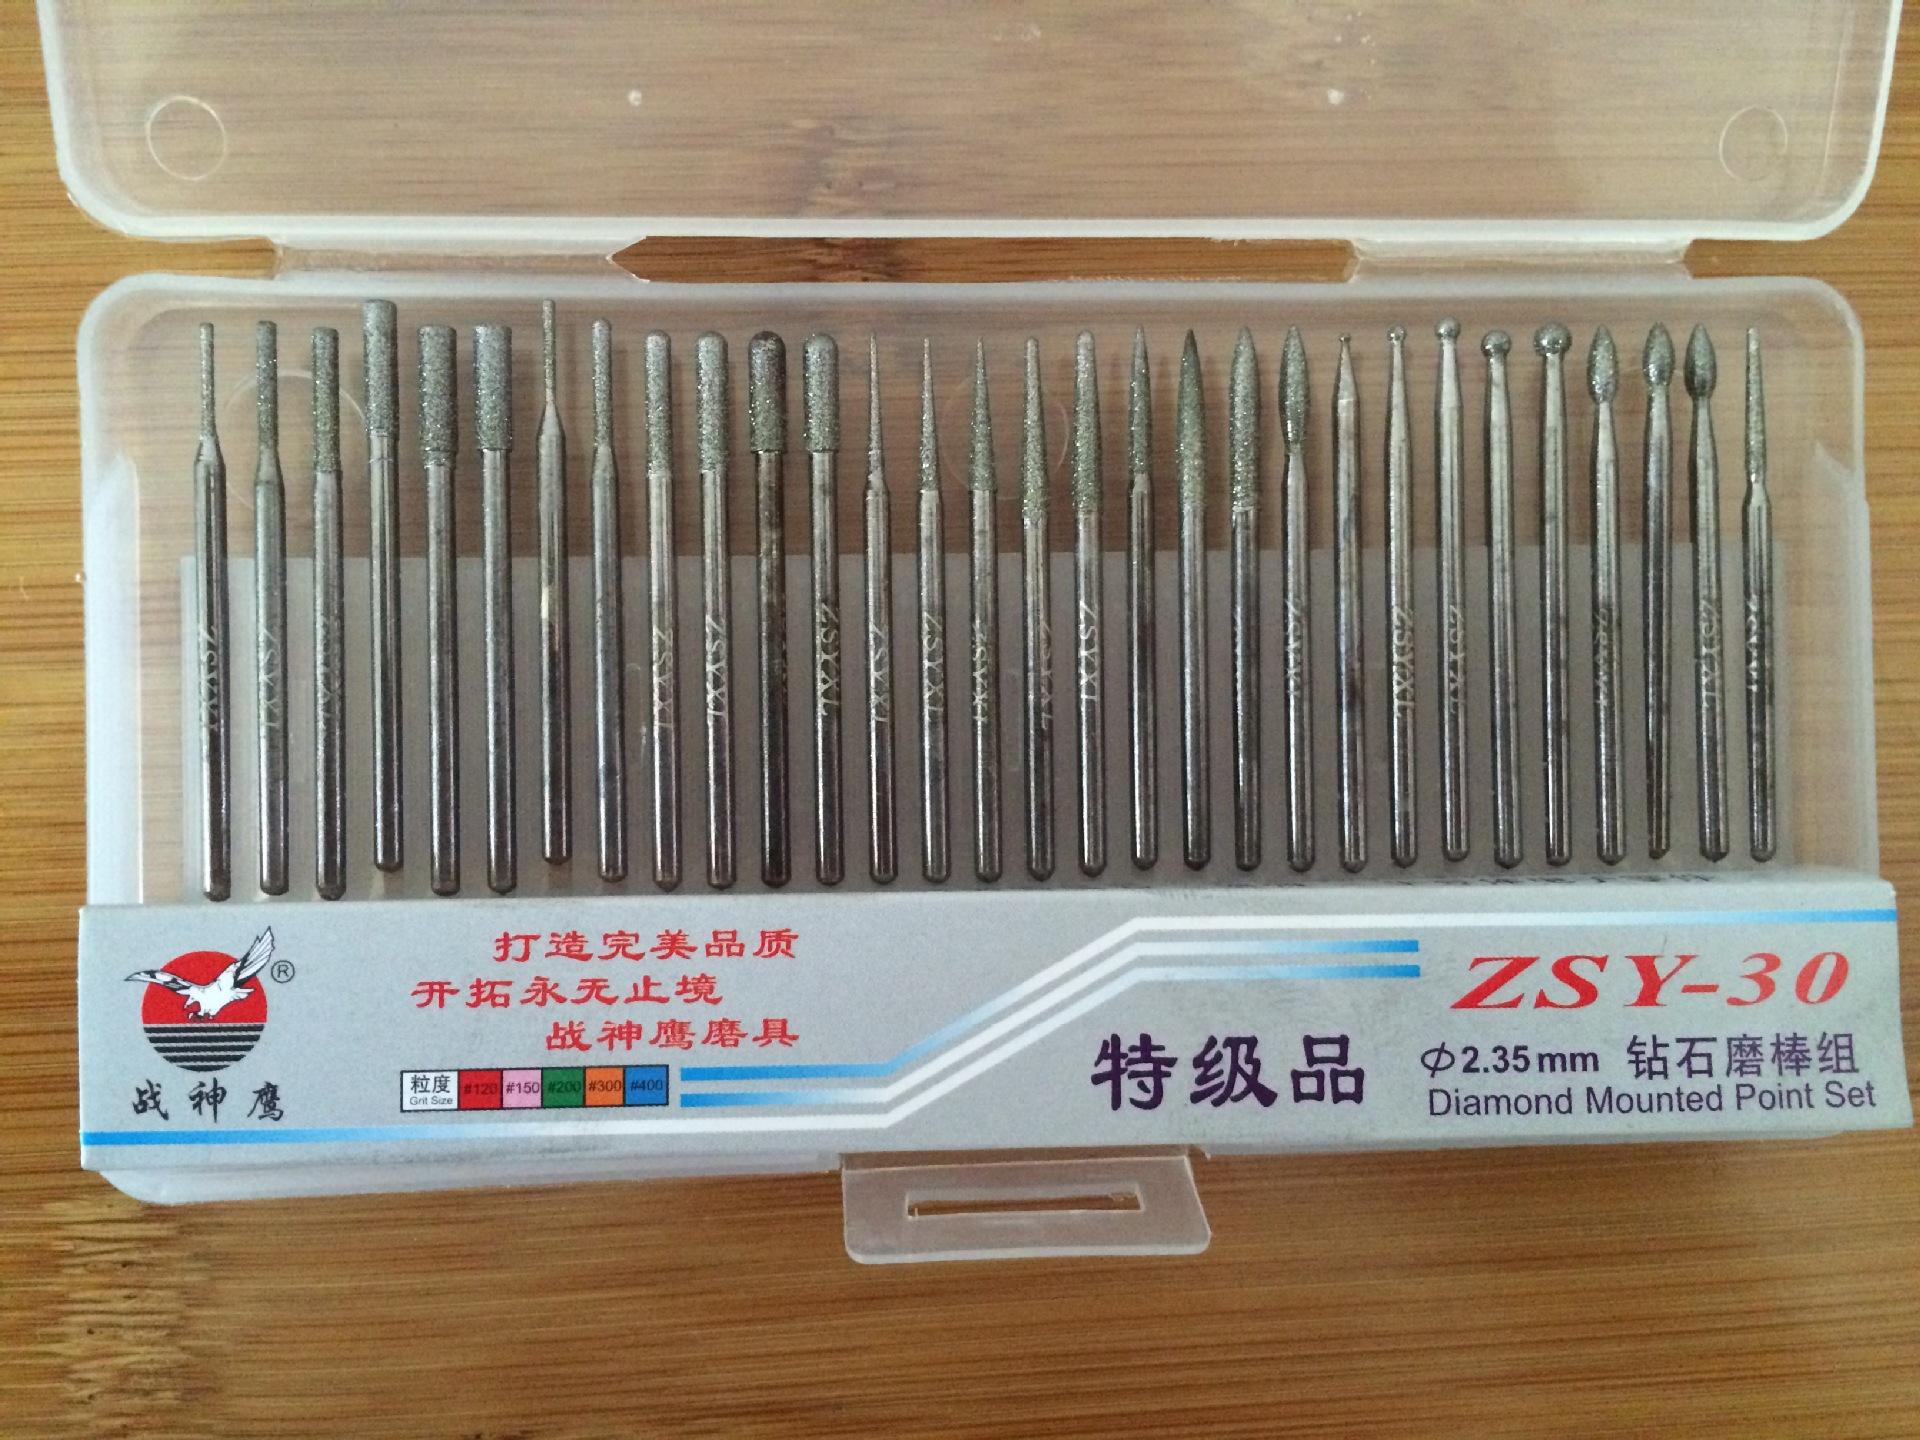 God of War алмазный шлифовальный стержень 2.35mm 30PCS нефрит сплав шлифовальная головка алмазный абразивный набор